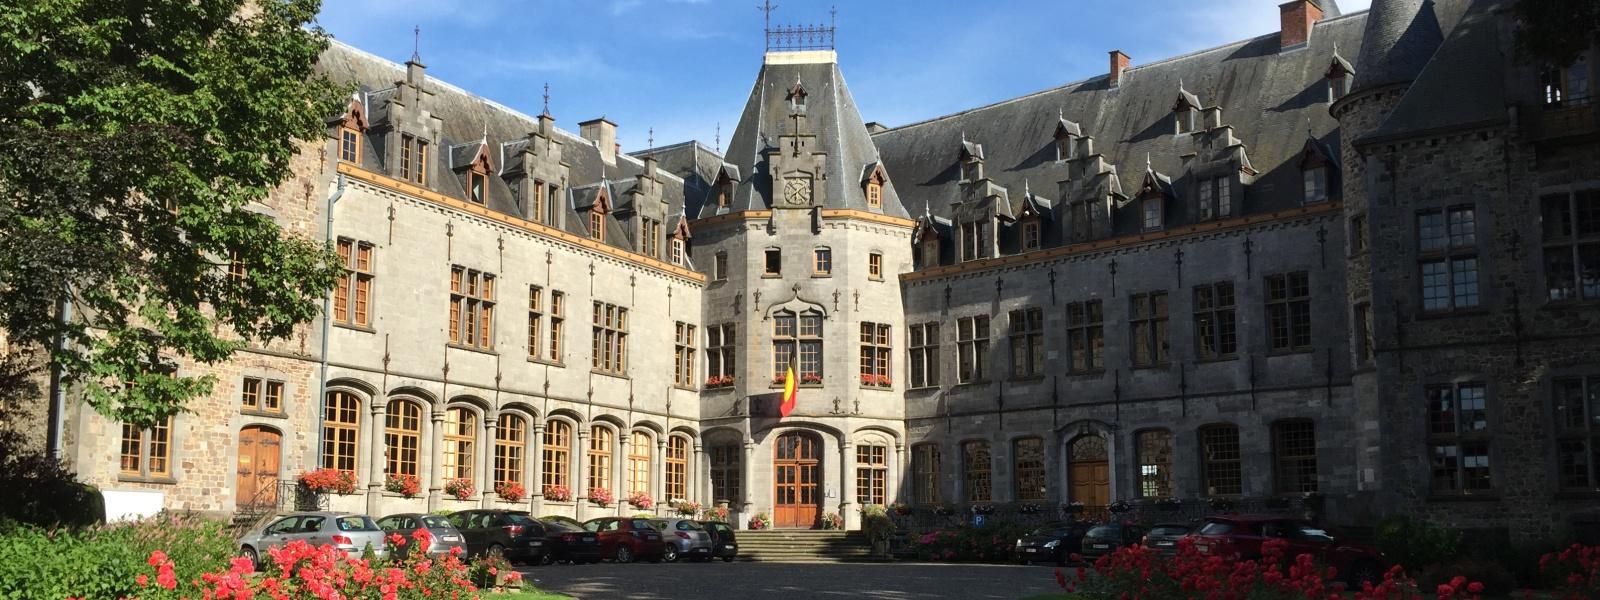 Commune de Ham-sur-Heure-Nalinnes | Le Château d'Ham-sur-Heures-Nalinnes